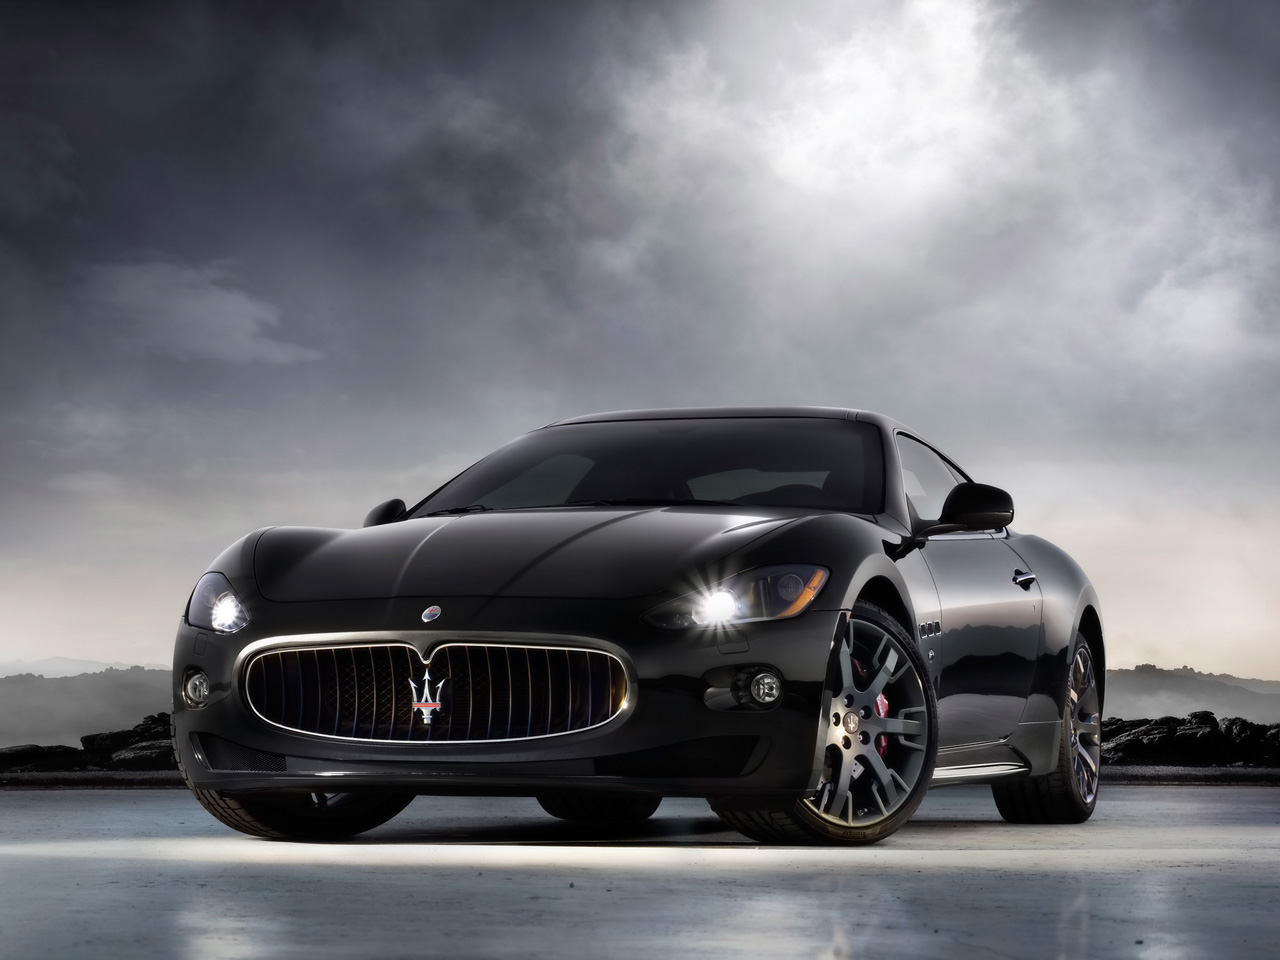 Mercado: Sección de Vehículos. Maseratidecolornegro